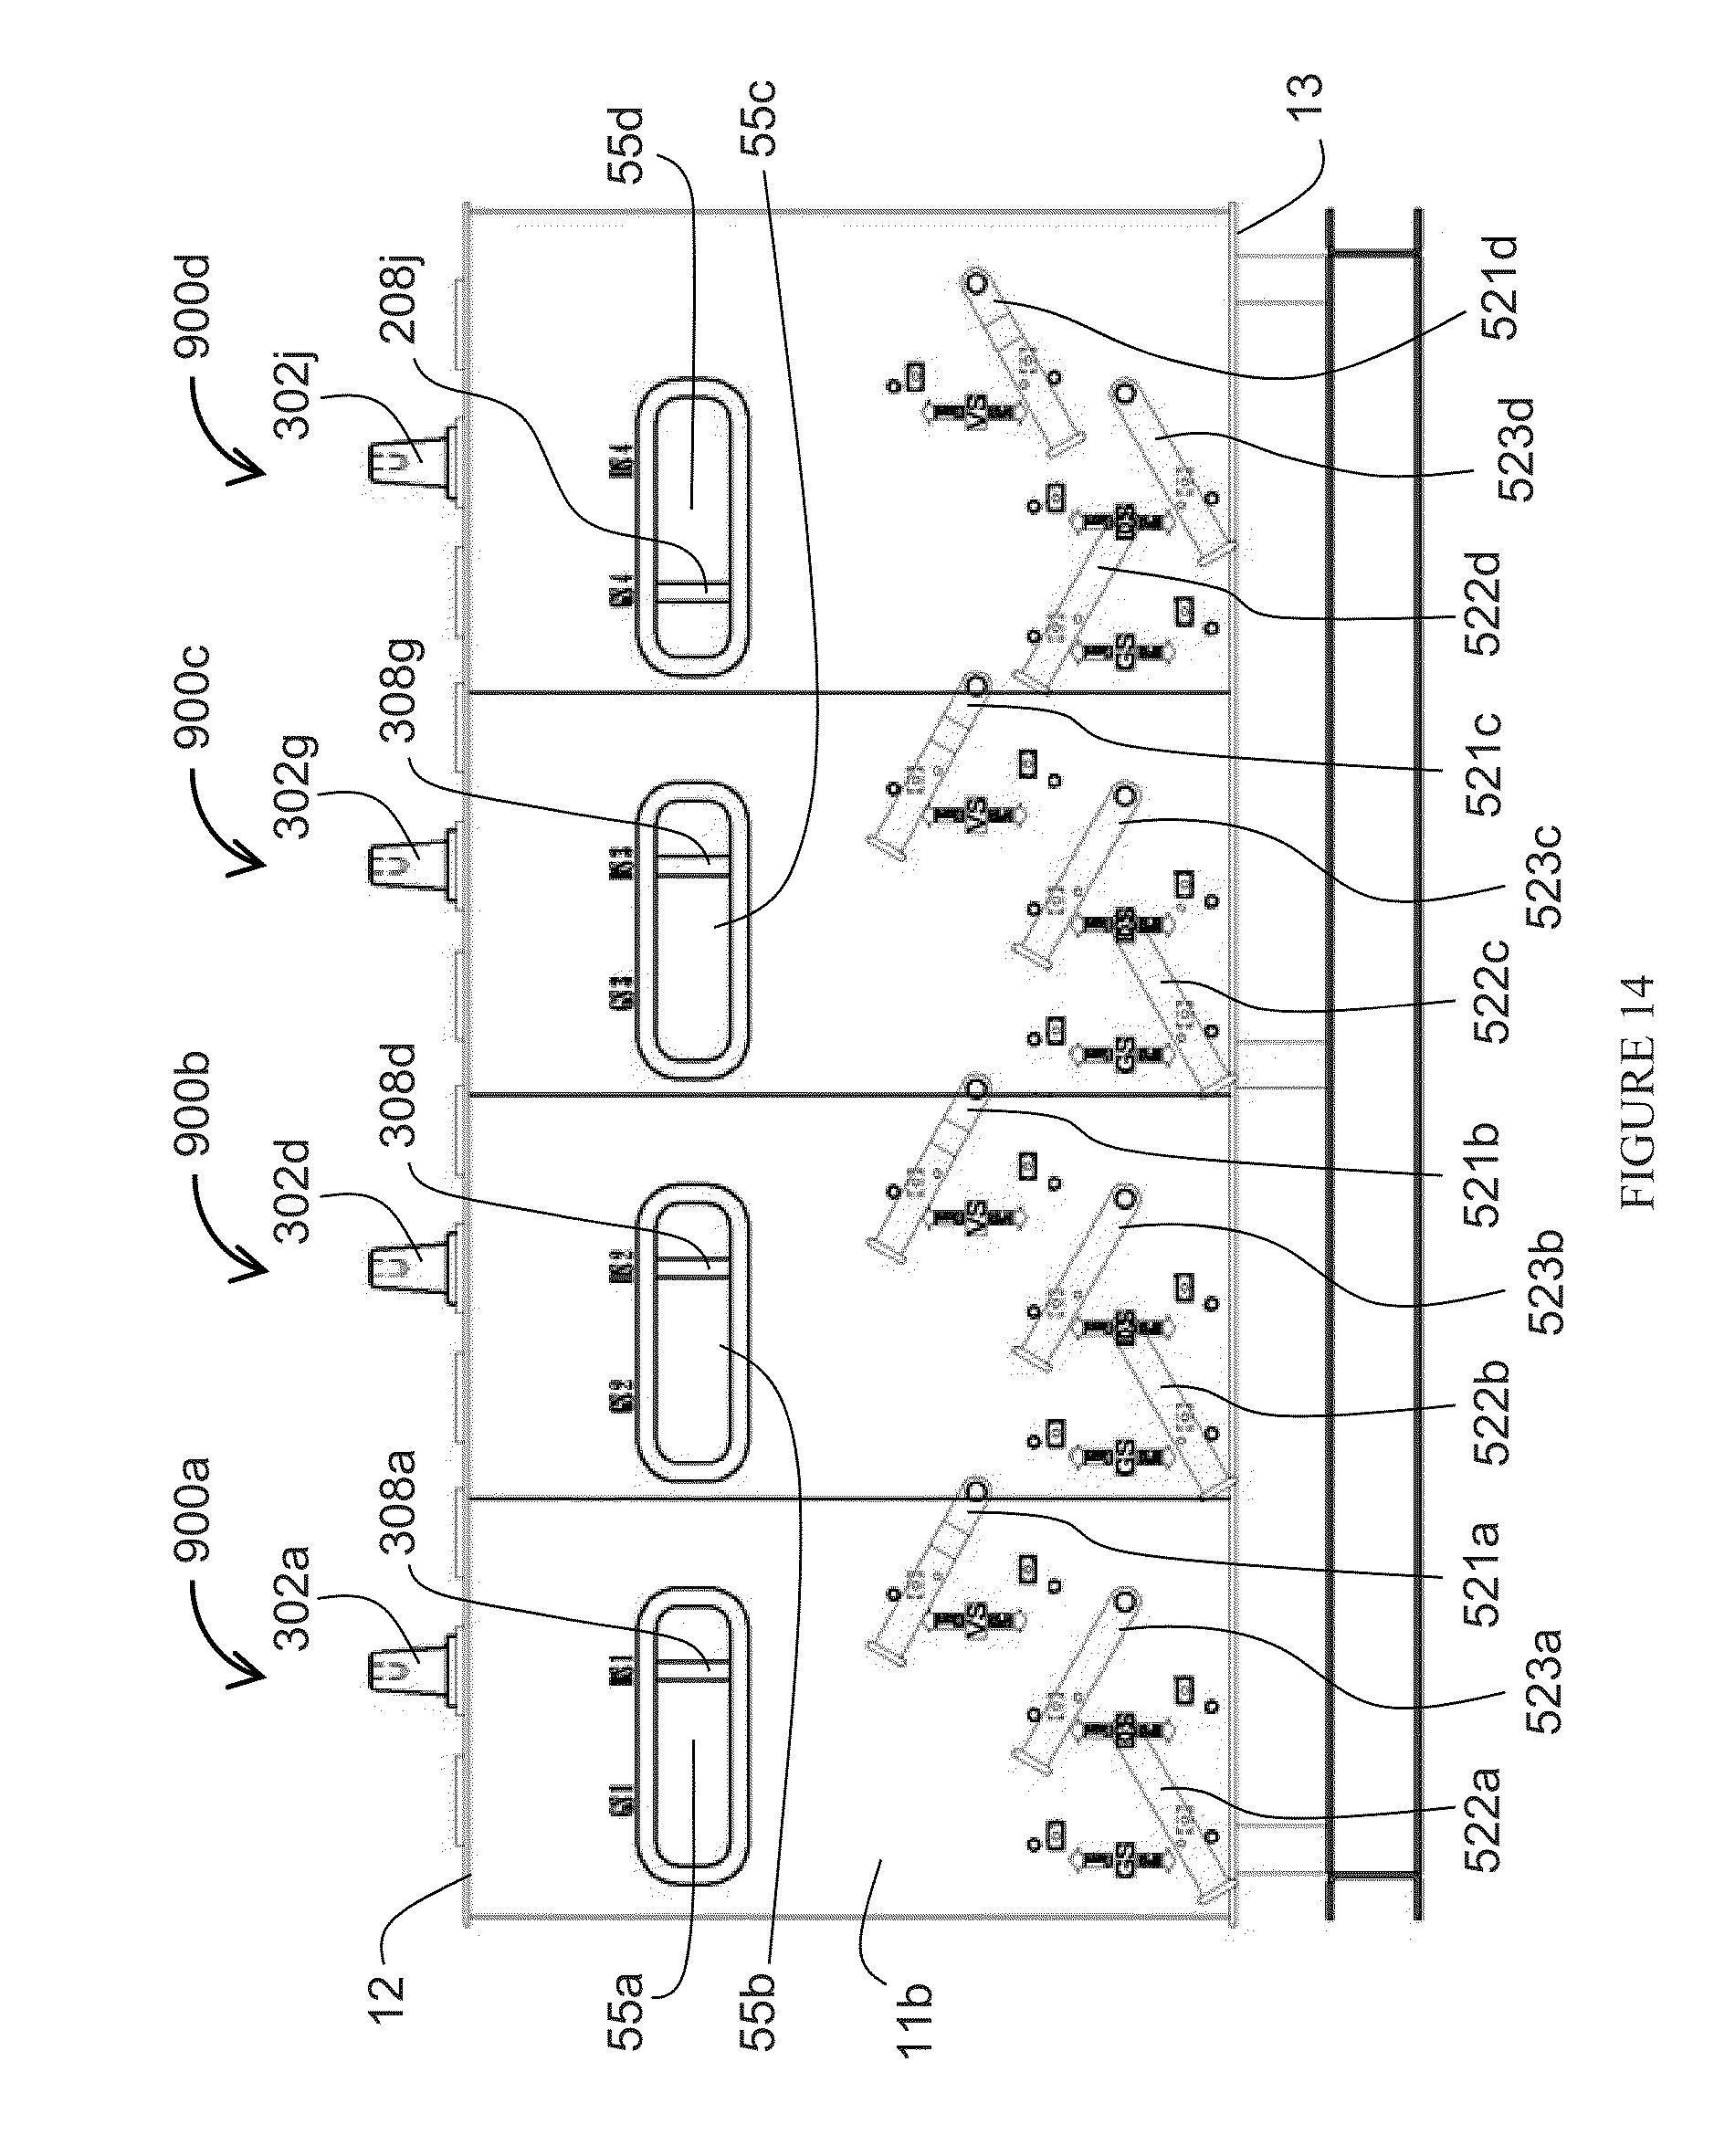 patent us20130292358